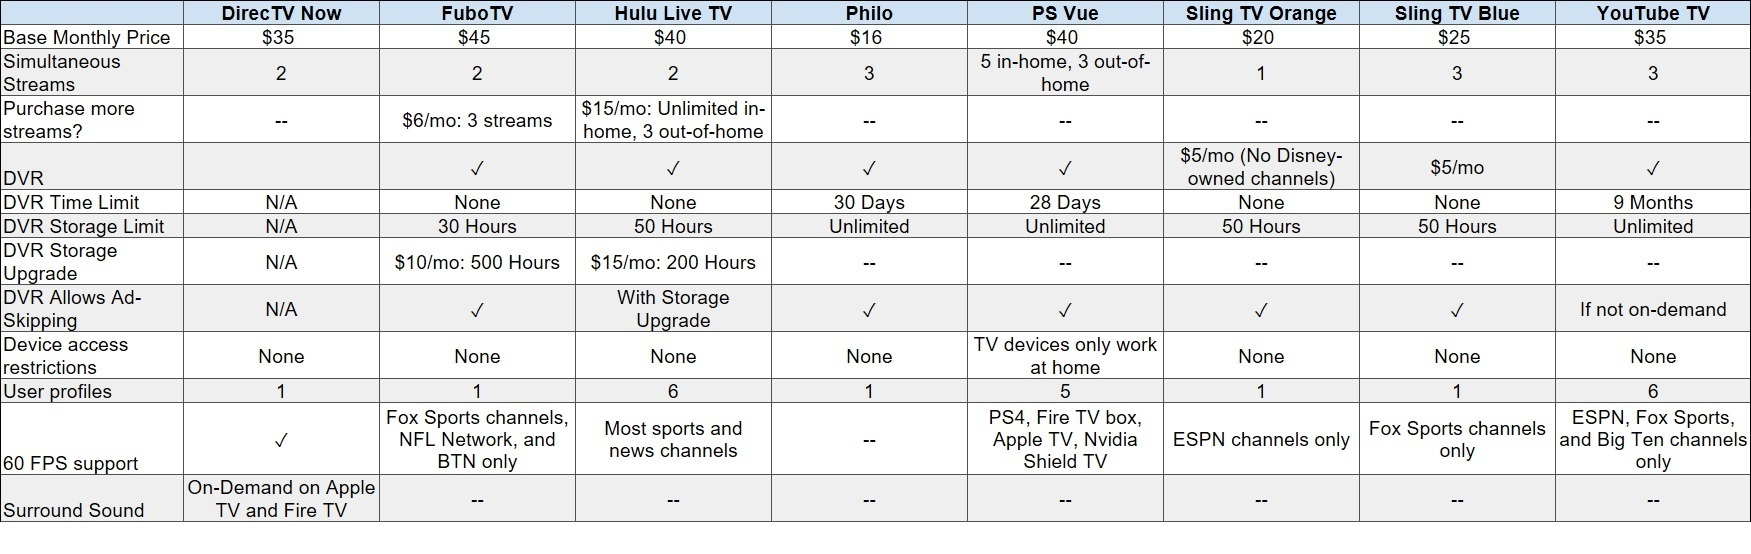 Best TV streaming service: YouTube TV vs  SlingTV vs  Hulu